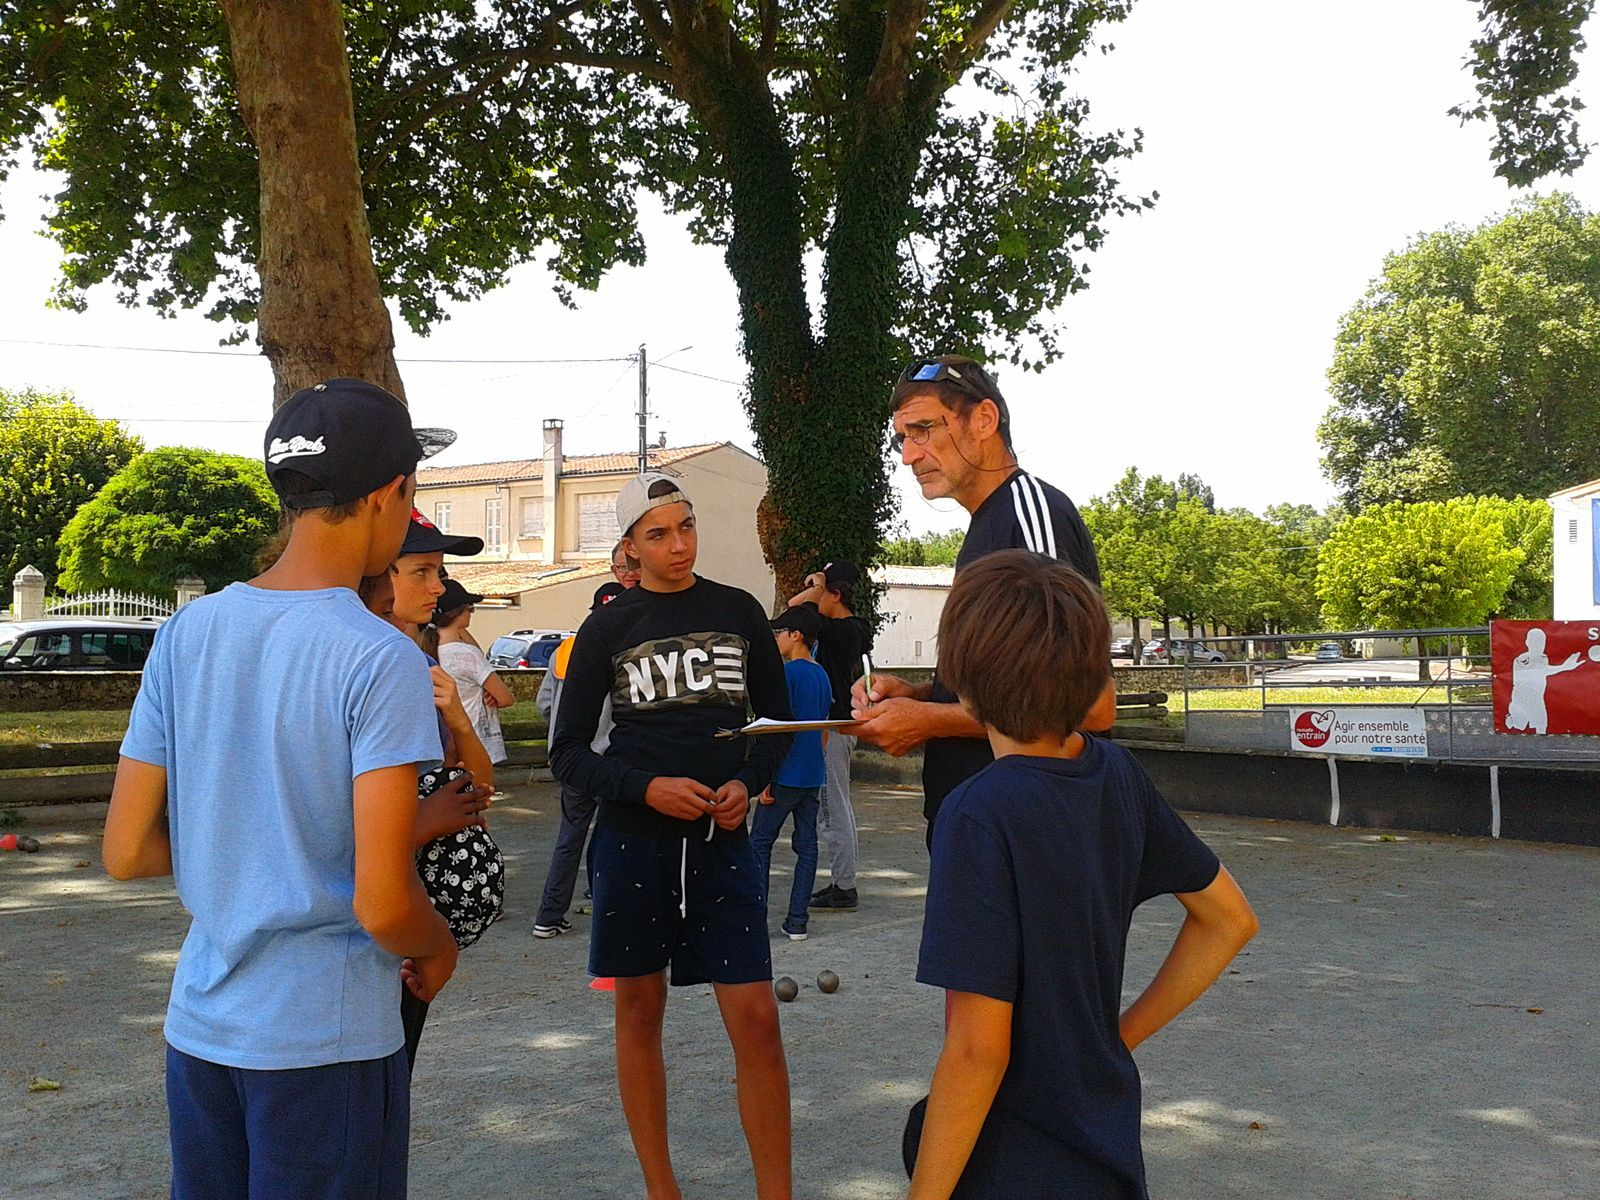 2016.07.27 Initiation pour 20 jeunes du Centre de Loisirs SNCF et du Secours Populaire Français